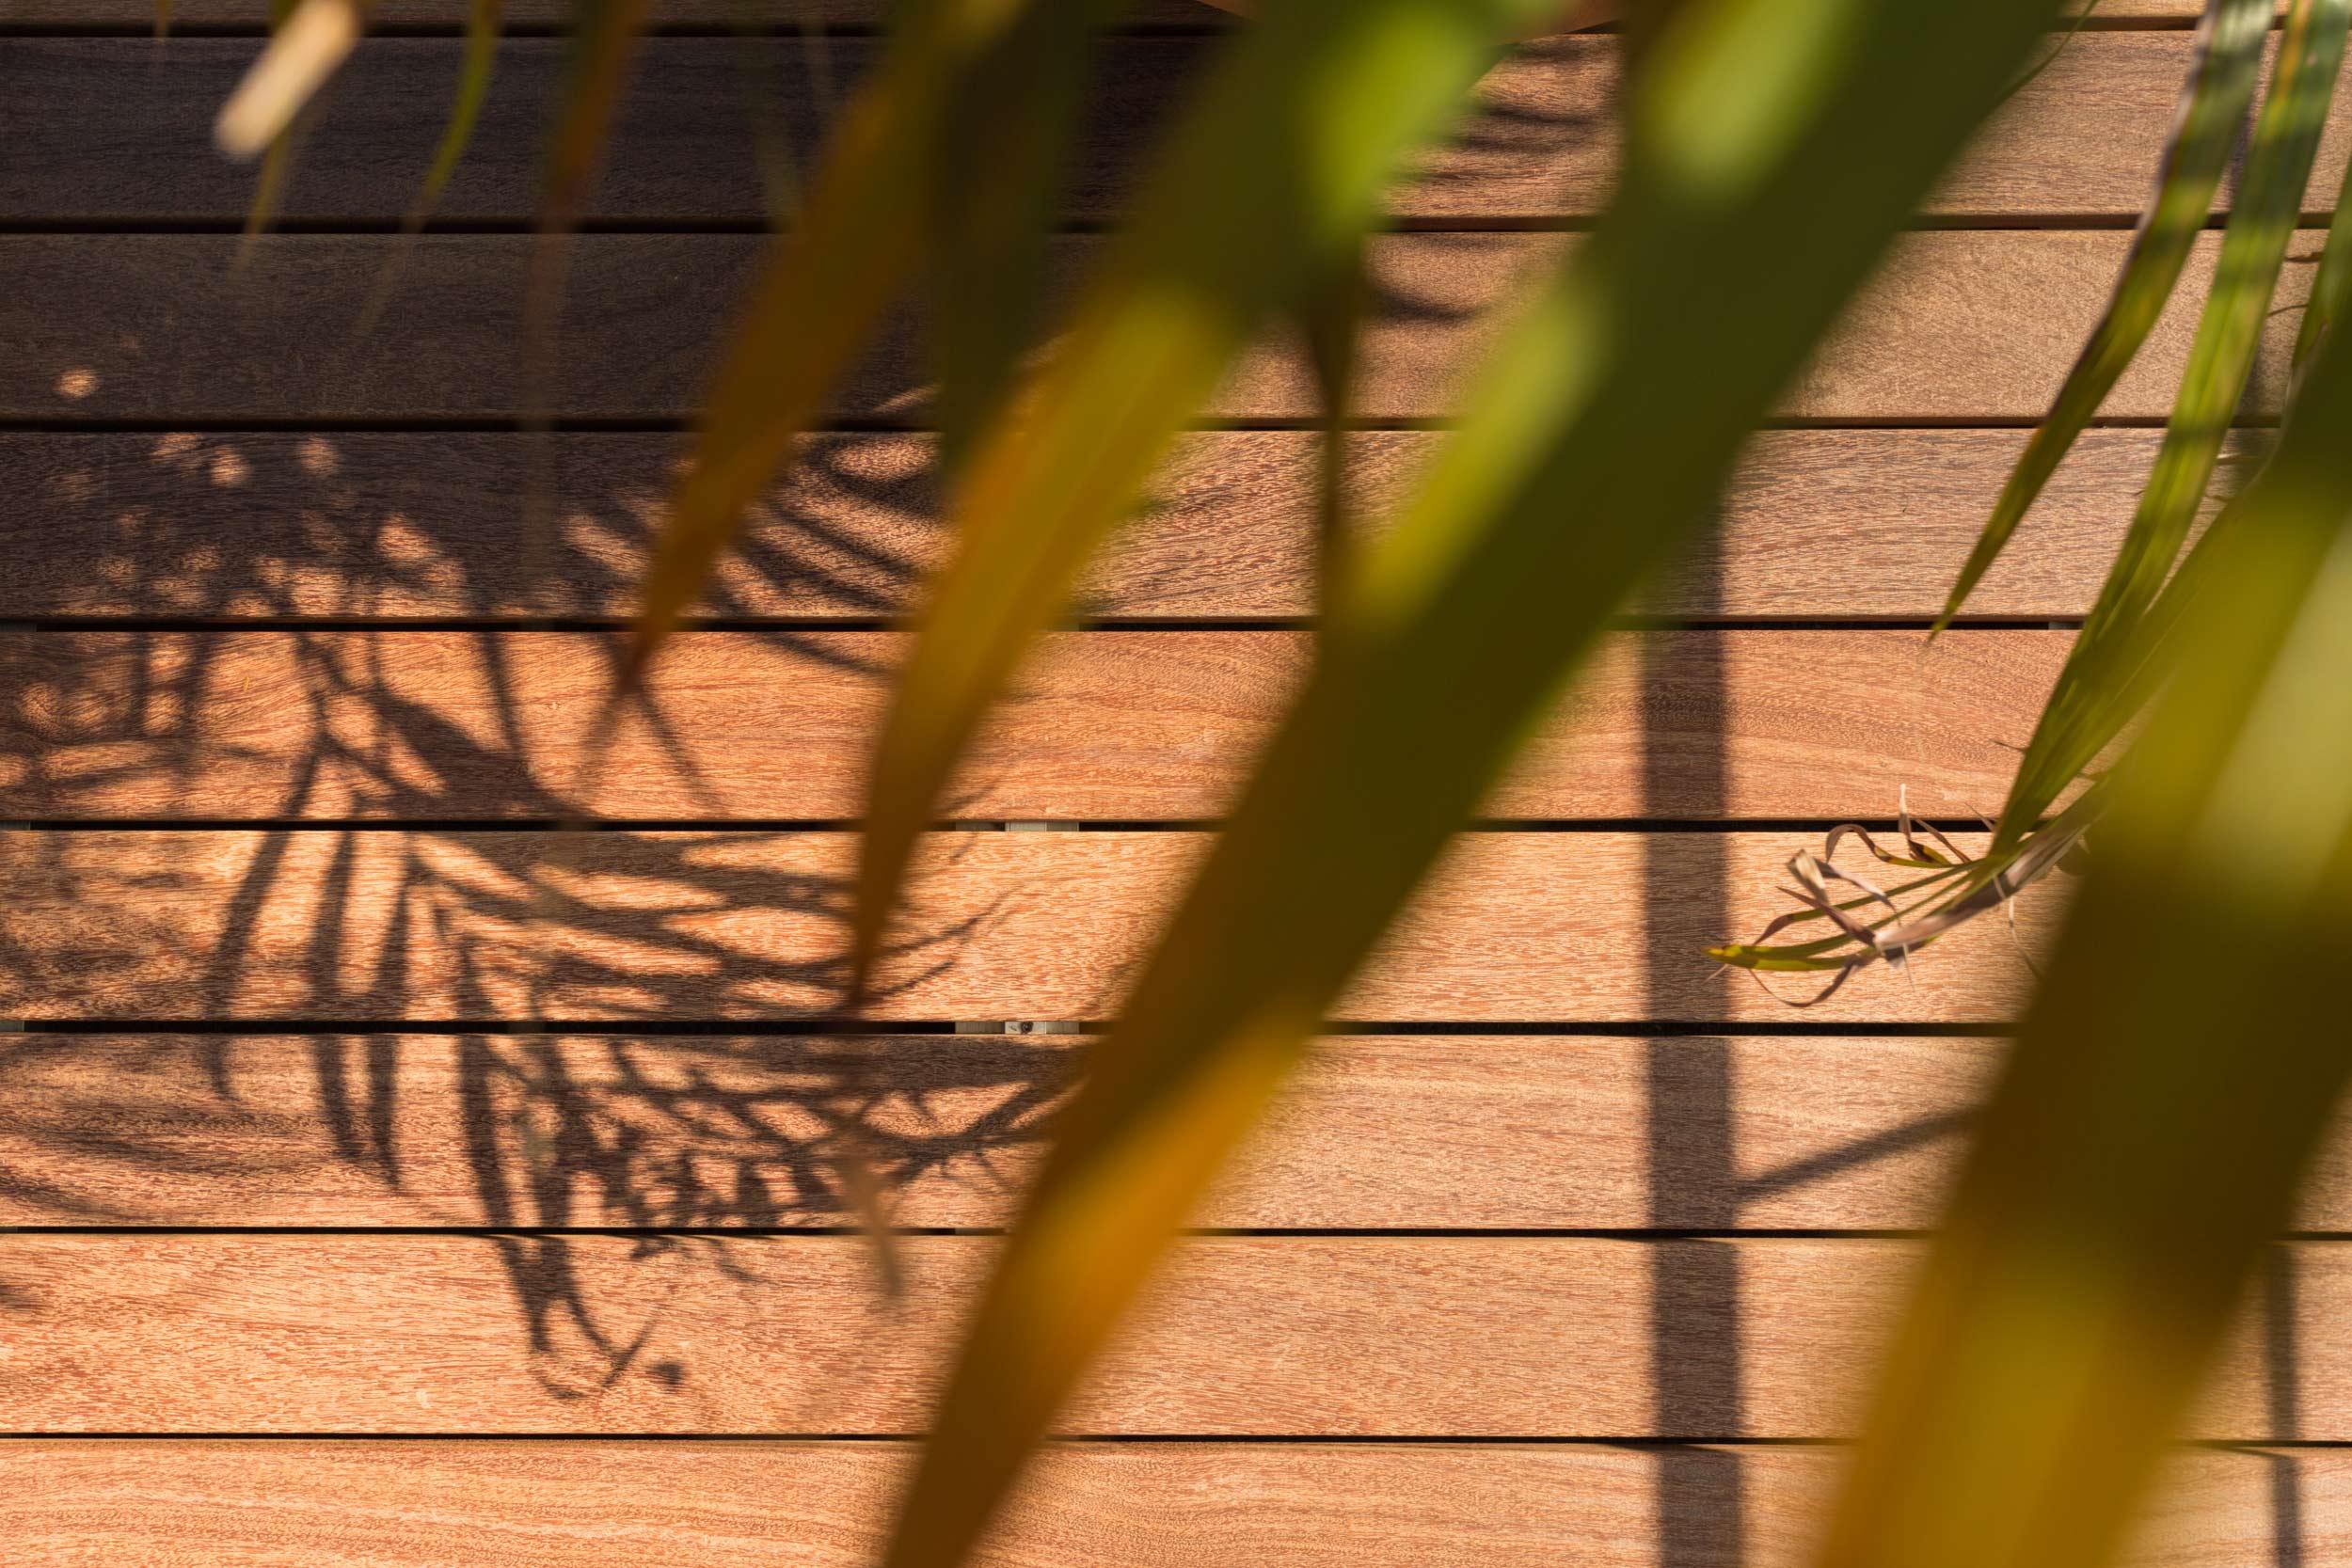 Oft Gefragt - Die wichtigsten Fragen rund um das Thema Holzterrasse.